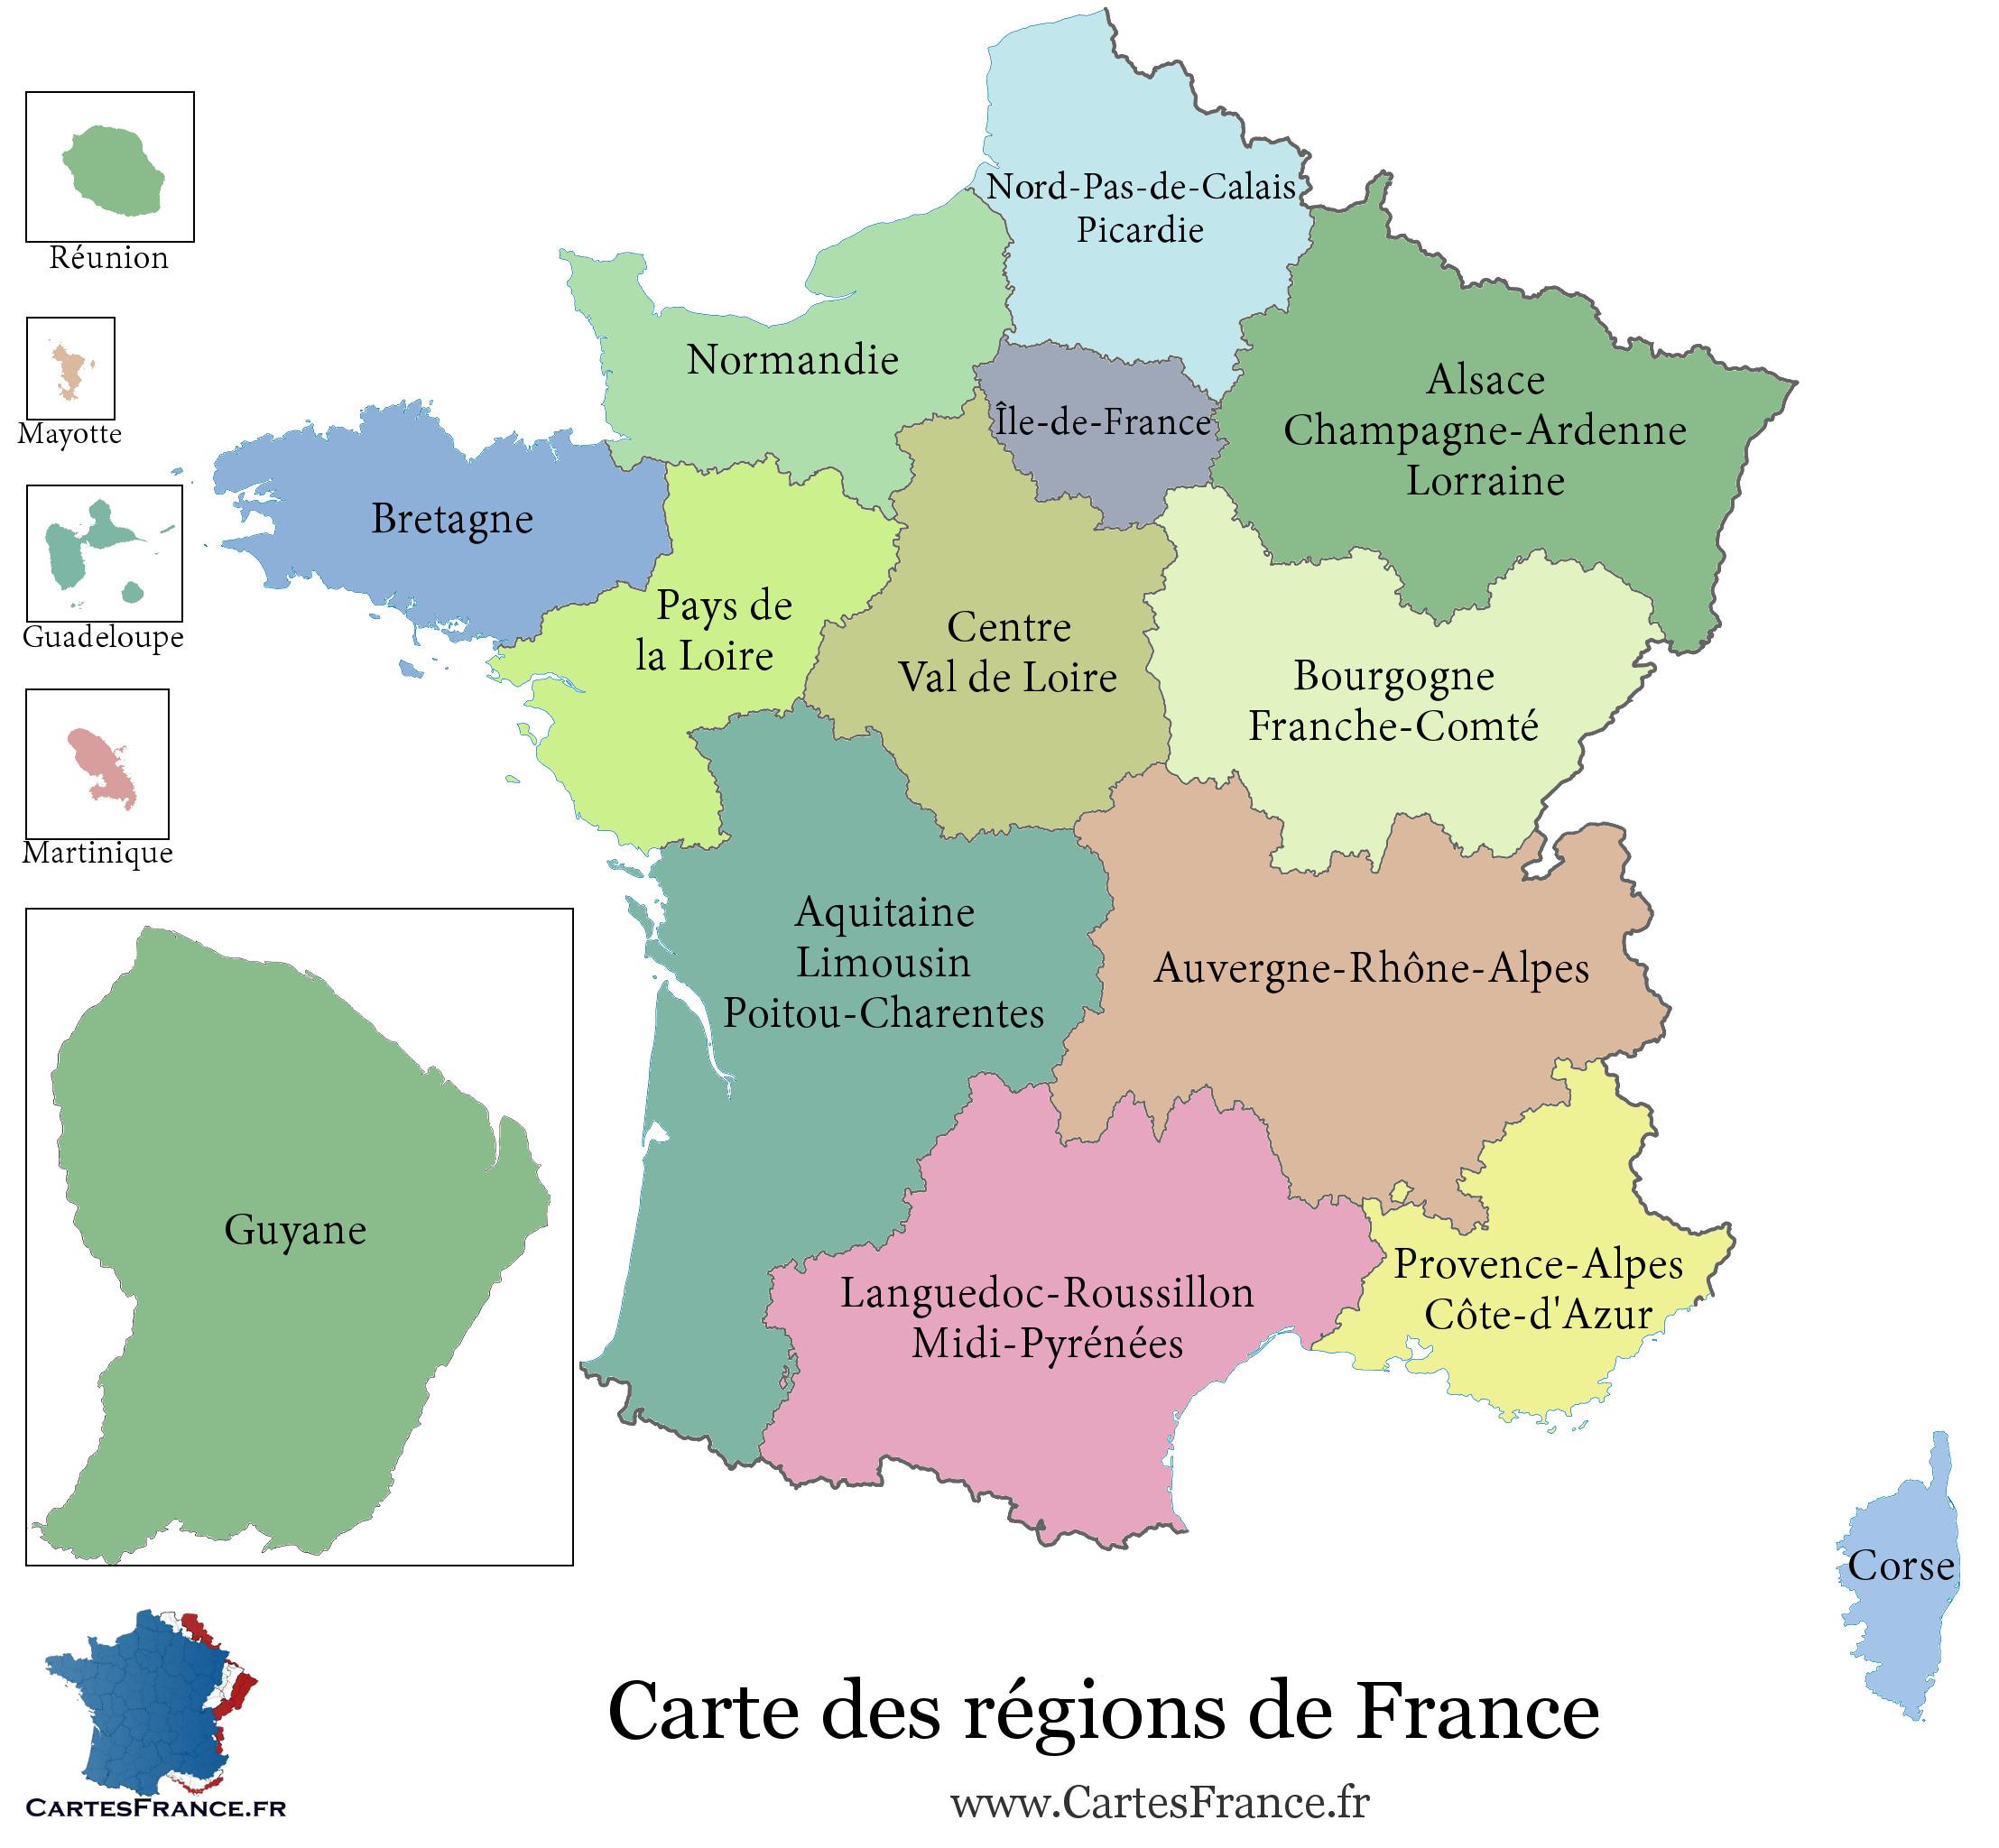 Carte De France Region - Carte Des Régions Françaises encequiconcerne Liste Des Régions De France